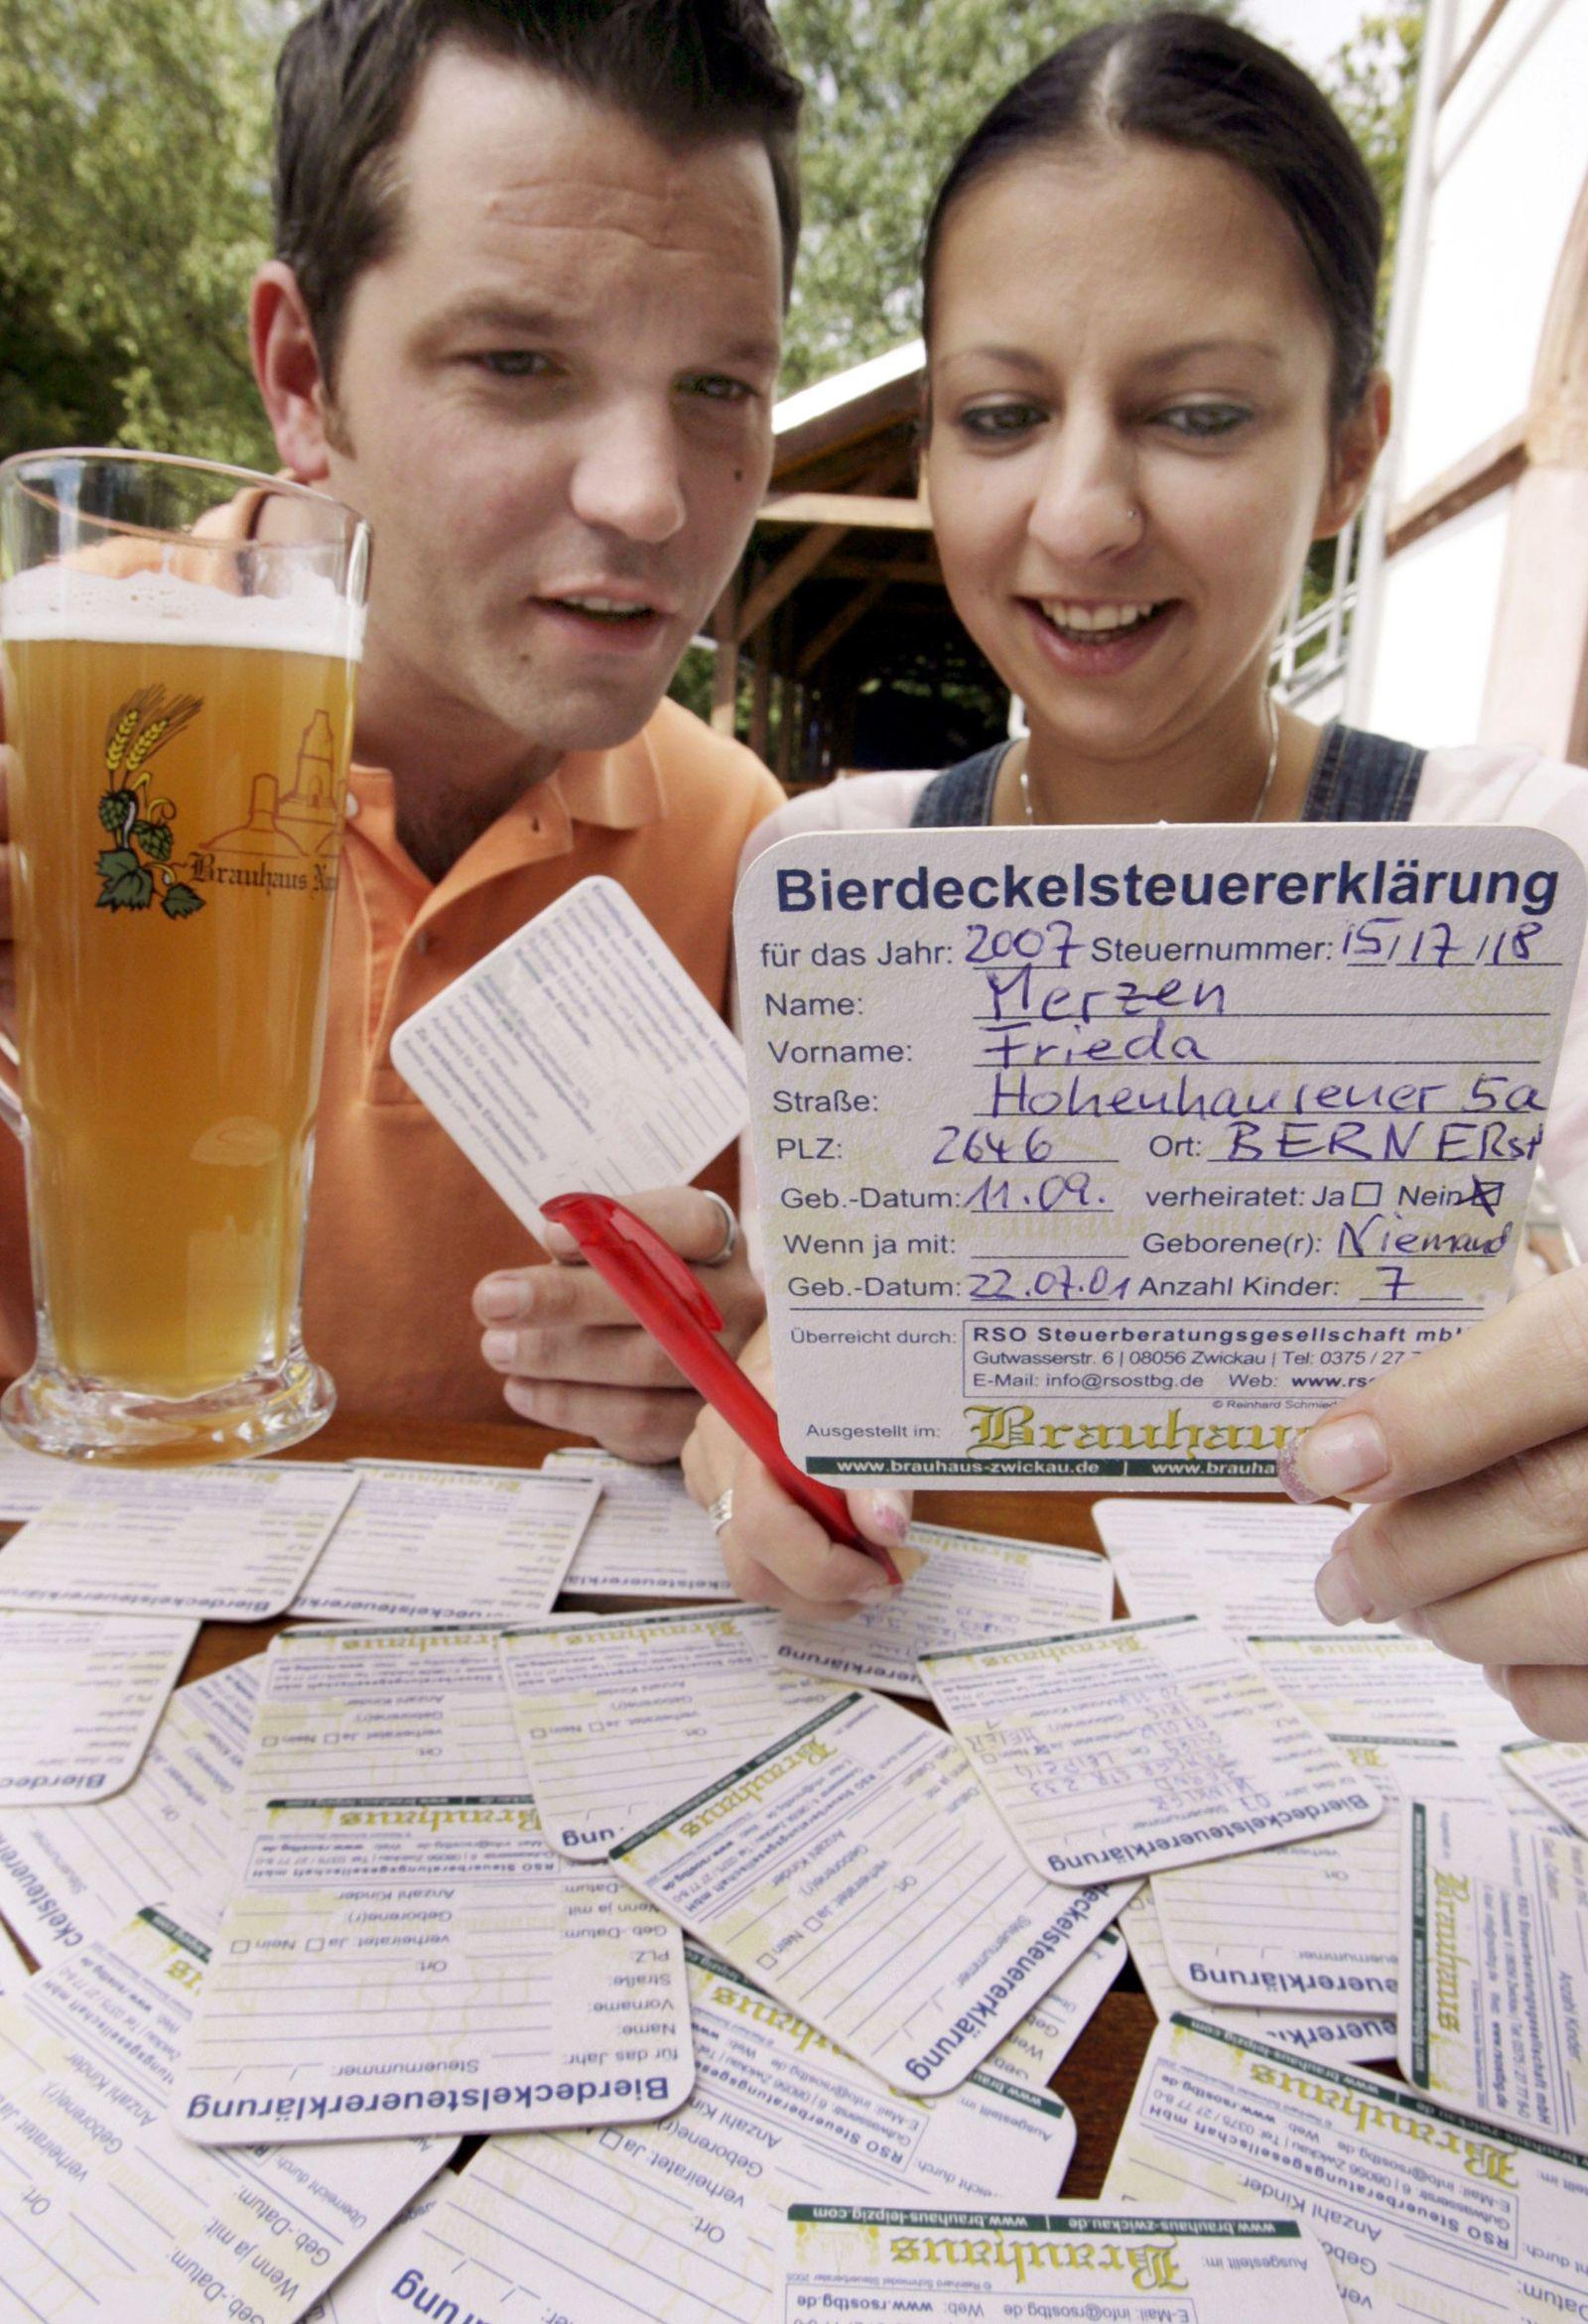 Bierdeckel-Steuererklärung